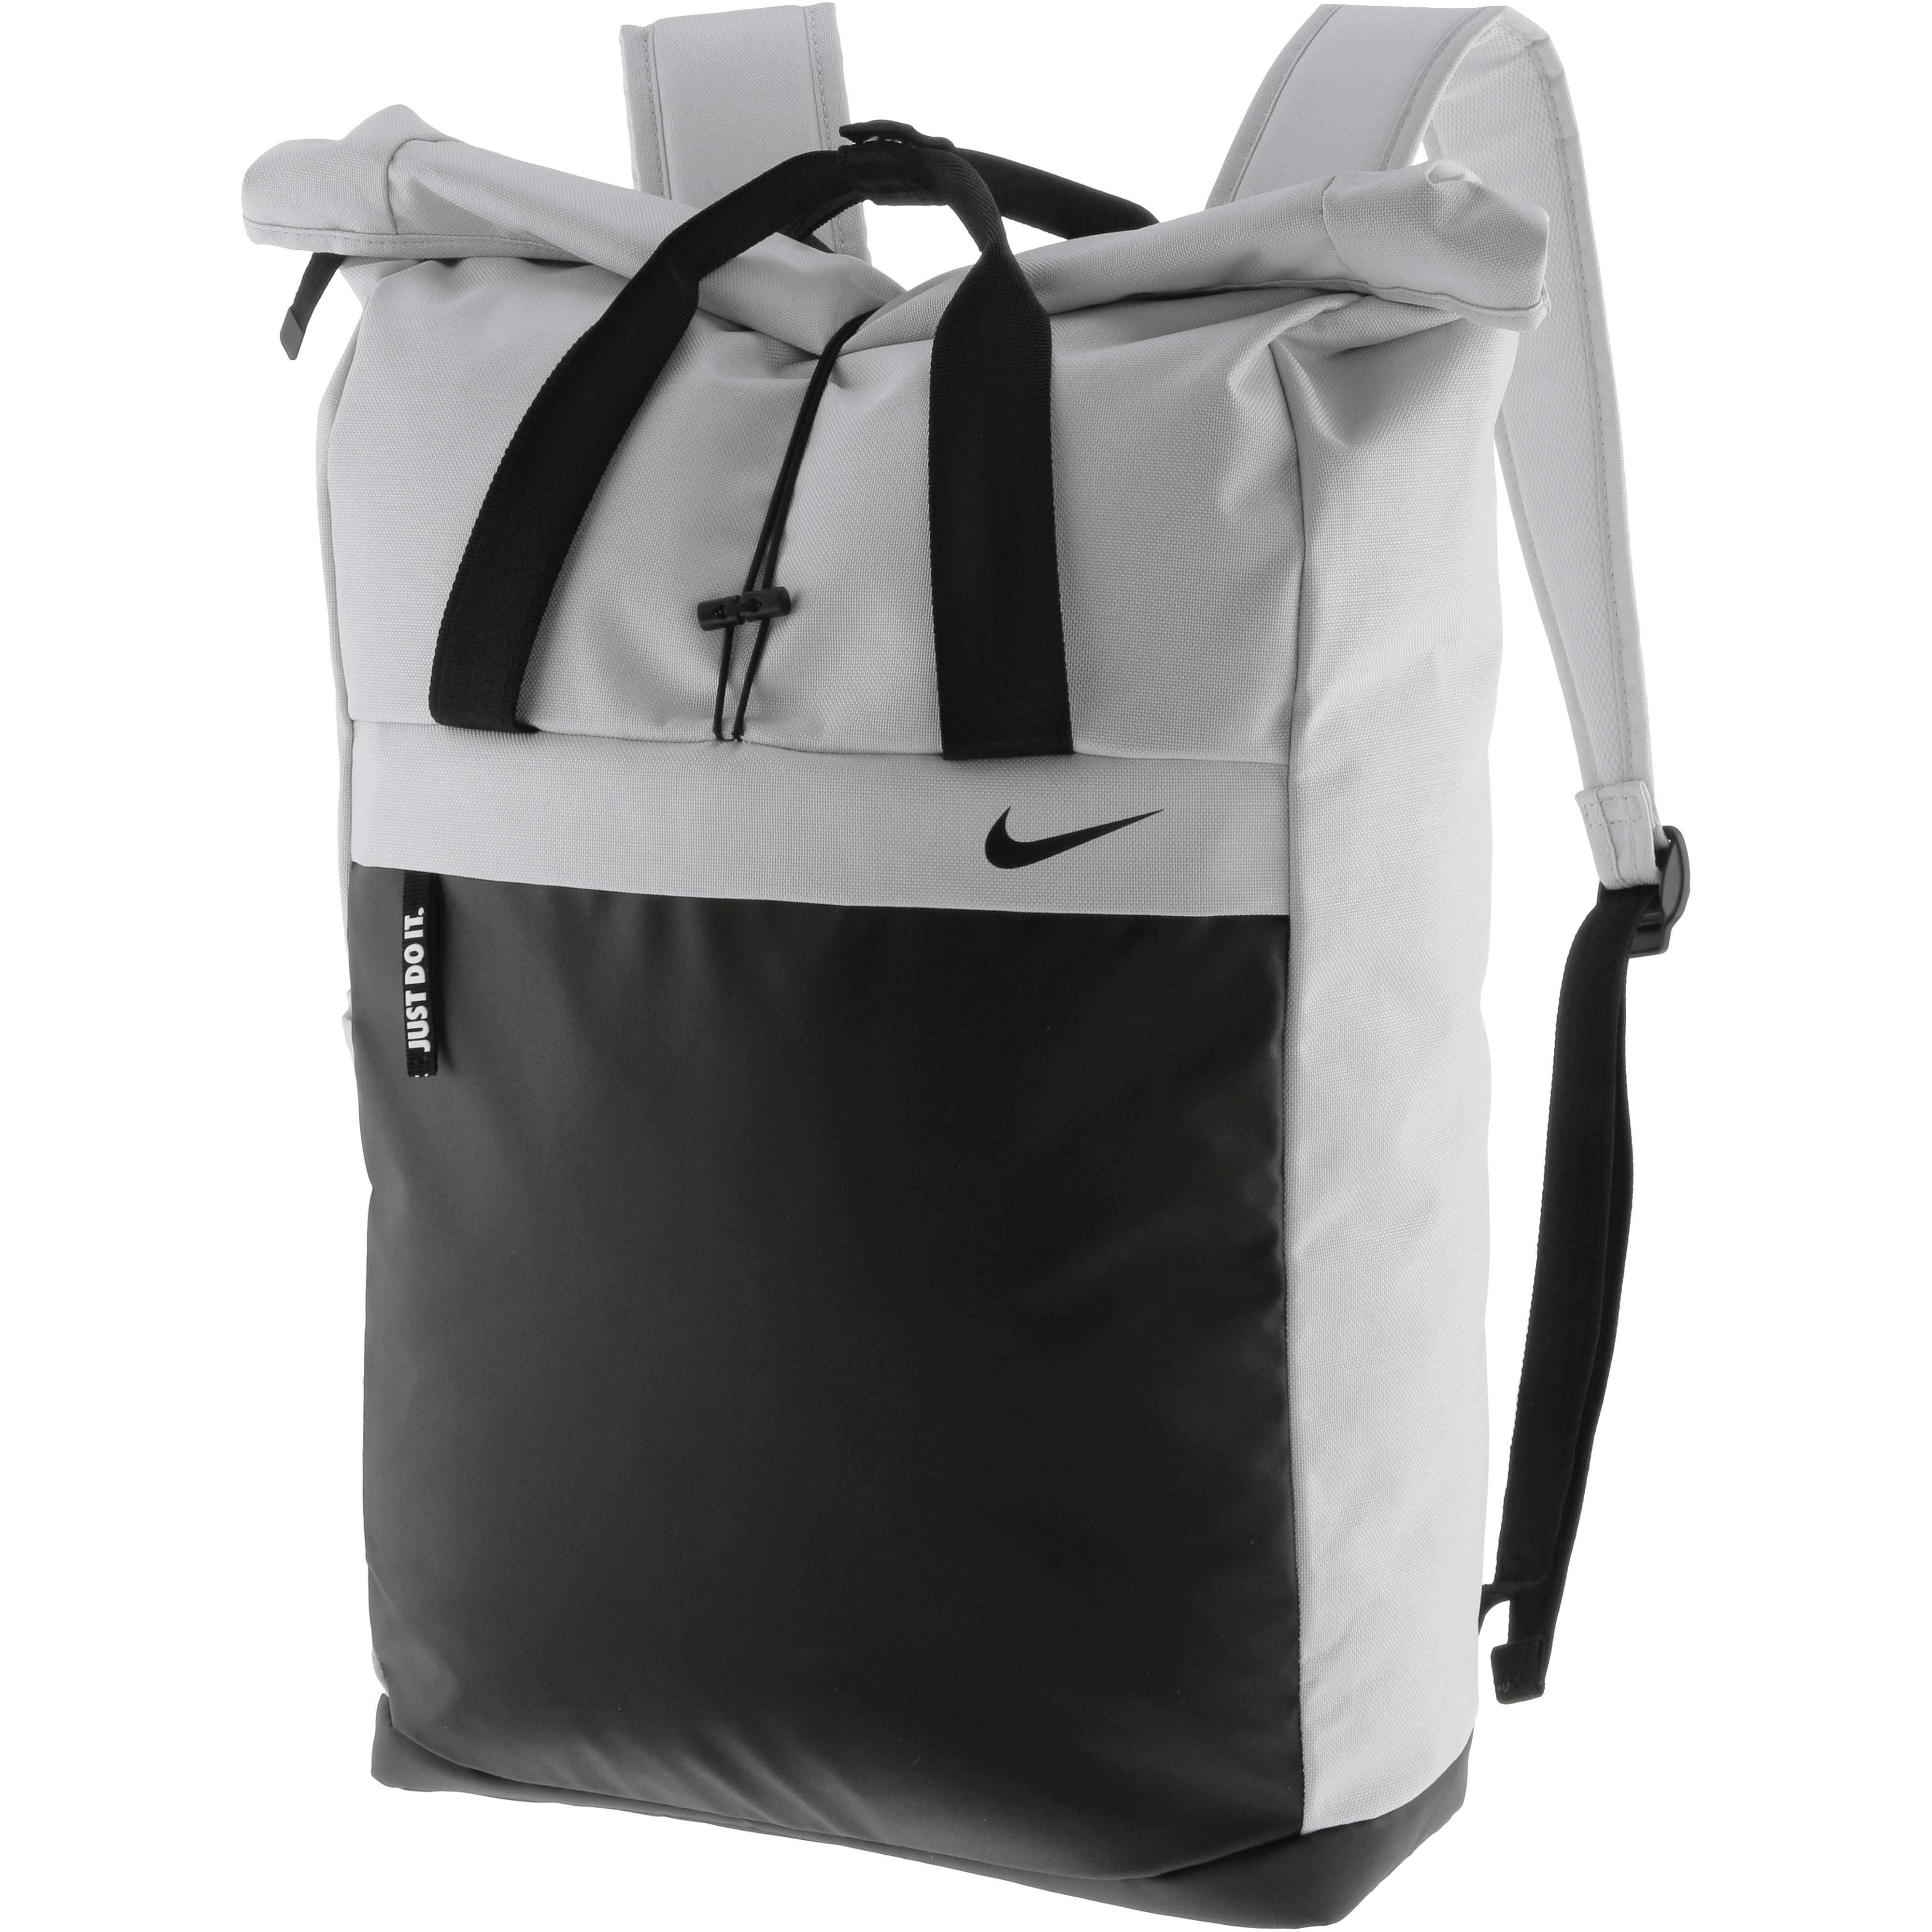 Nike Rucksack Radiate Daypack Damen vast grey-black-black im Online Shop von SportScheck kaufen